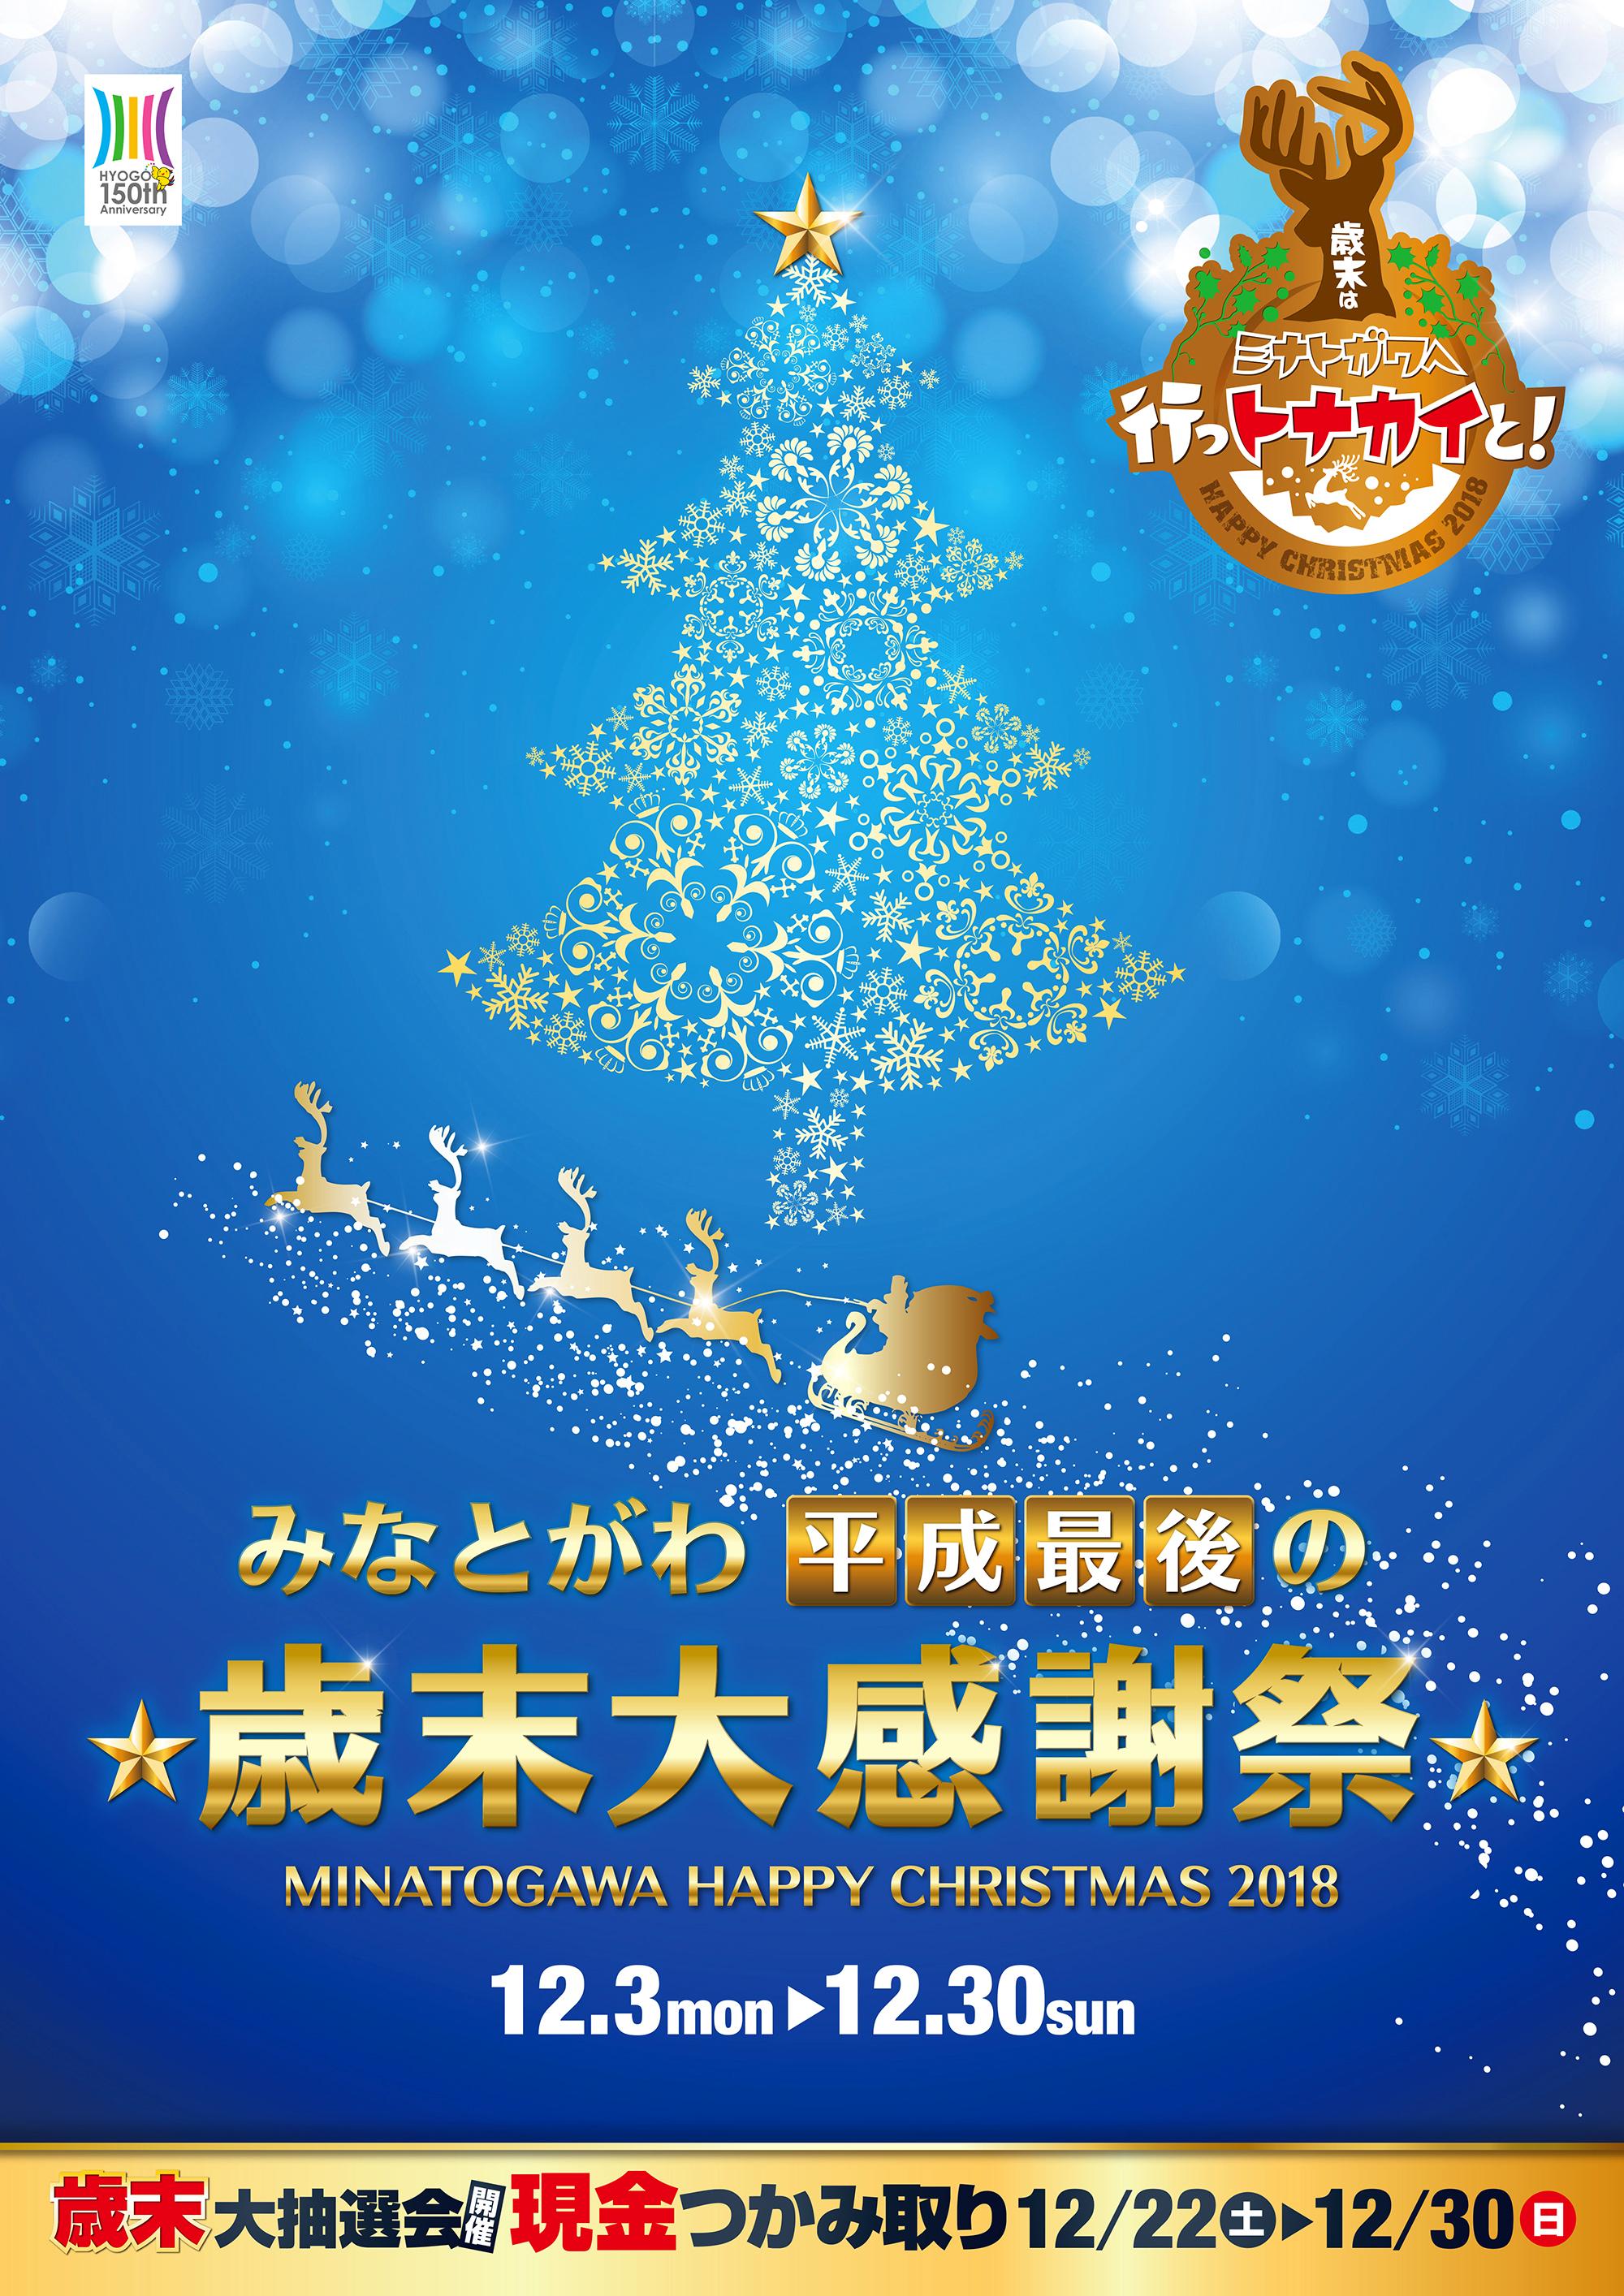 2018_11_28_minatogawa_web3